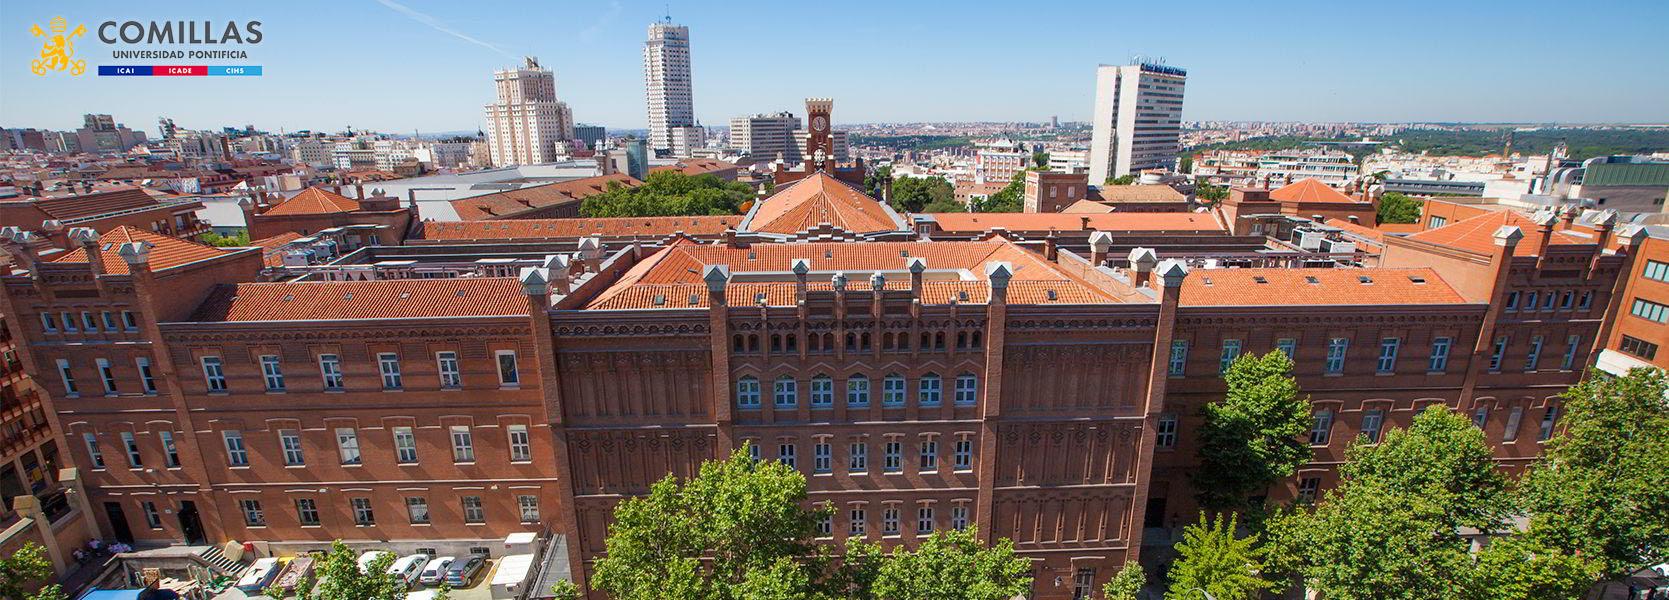 Universidad Pontifícia Comillas